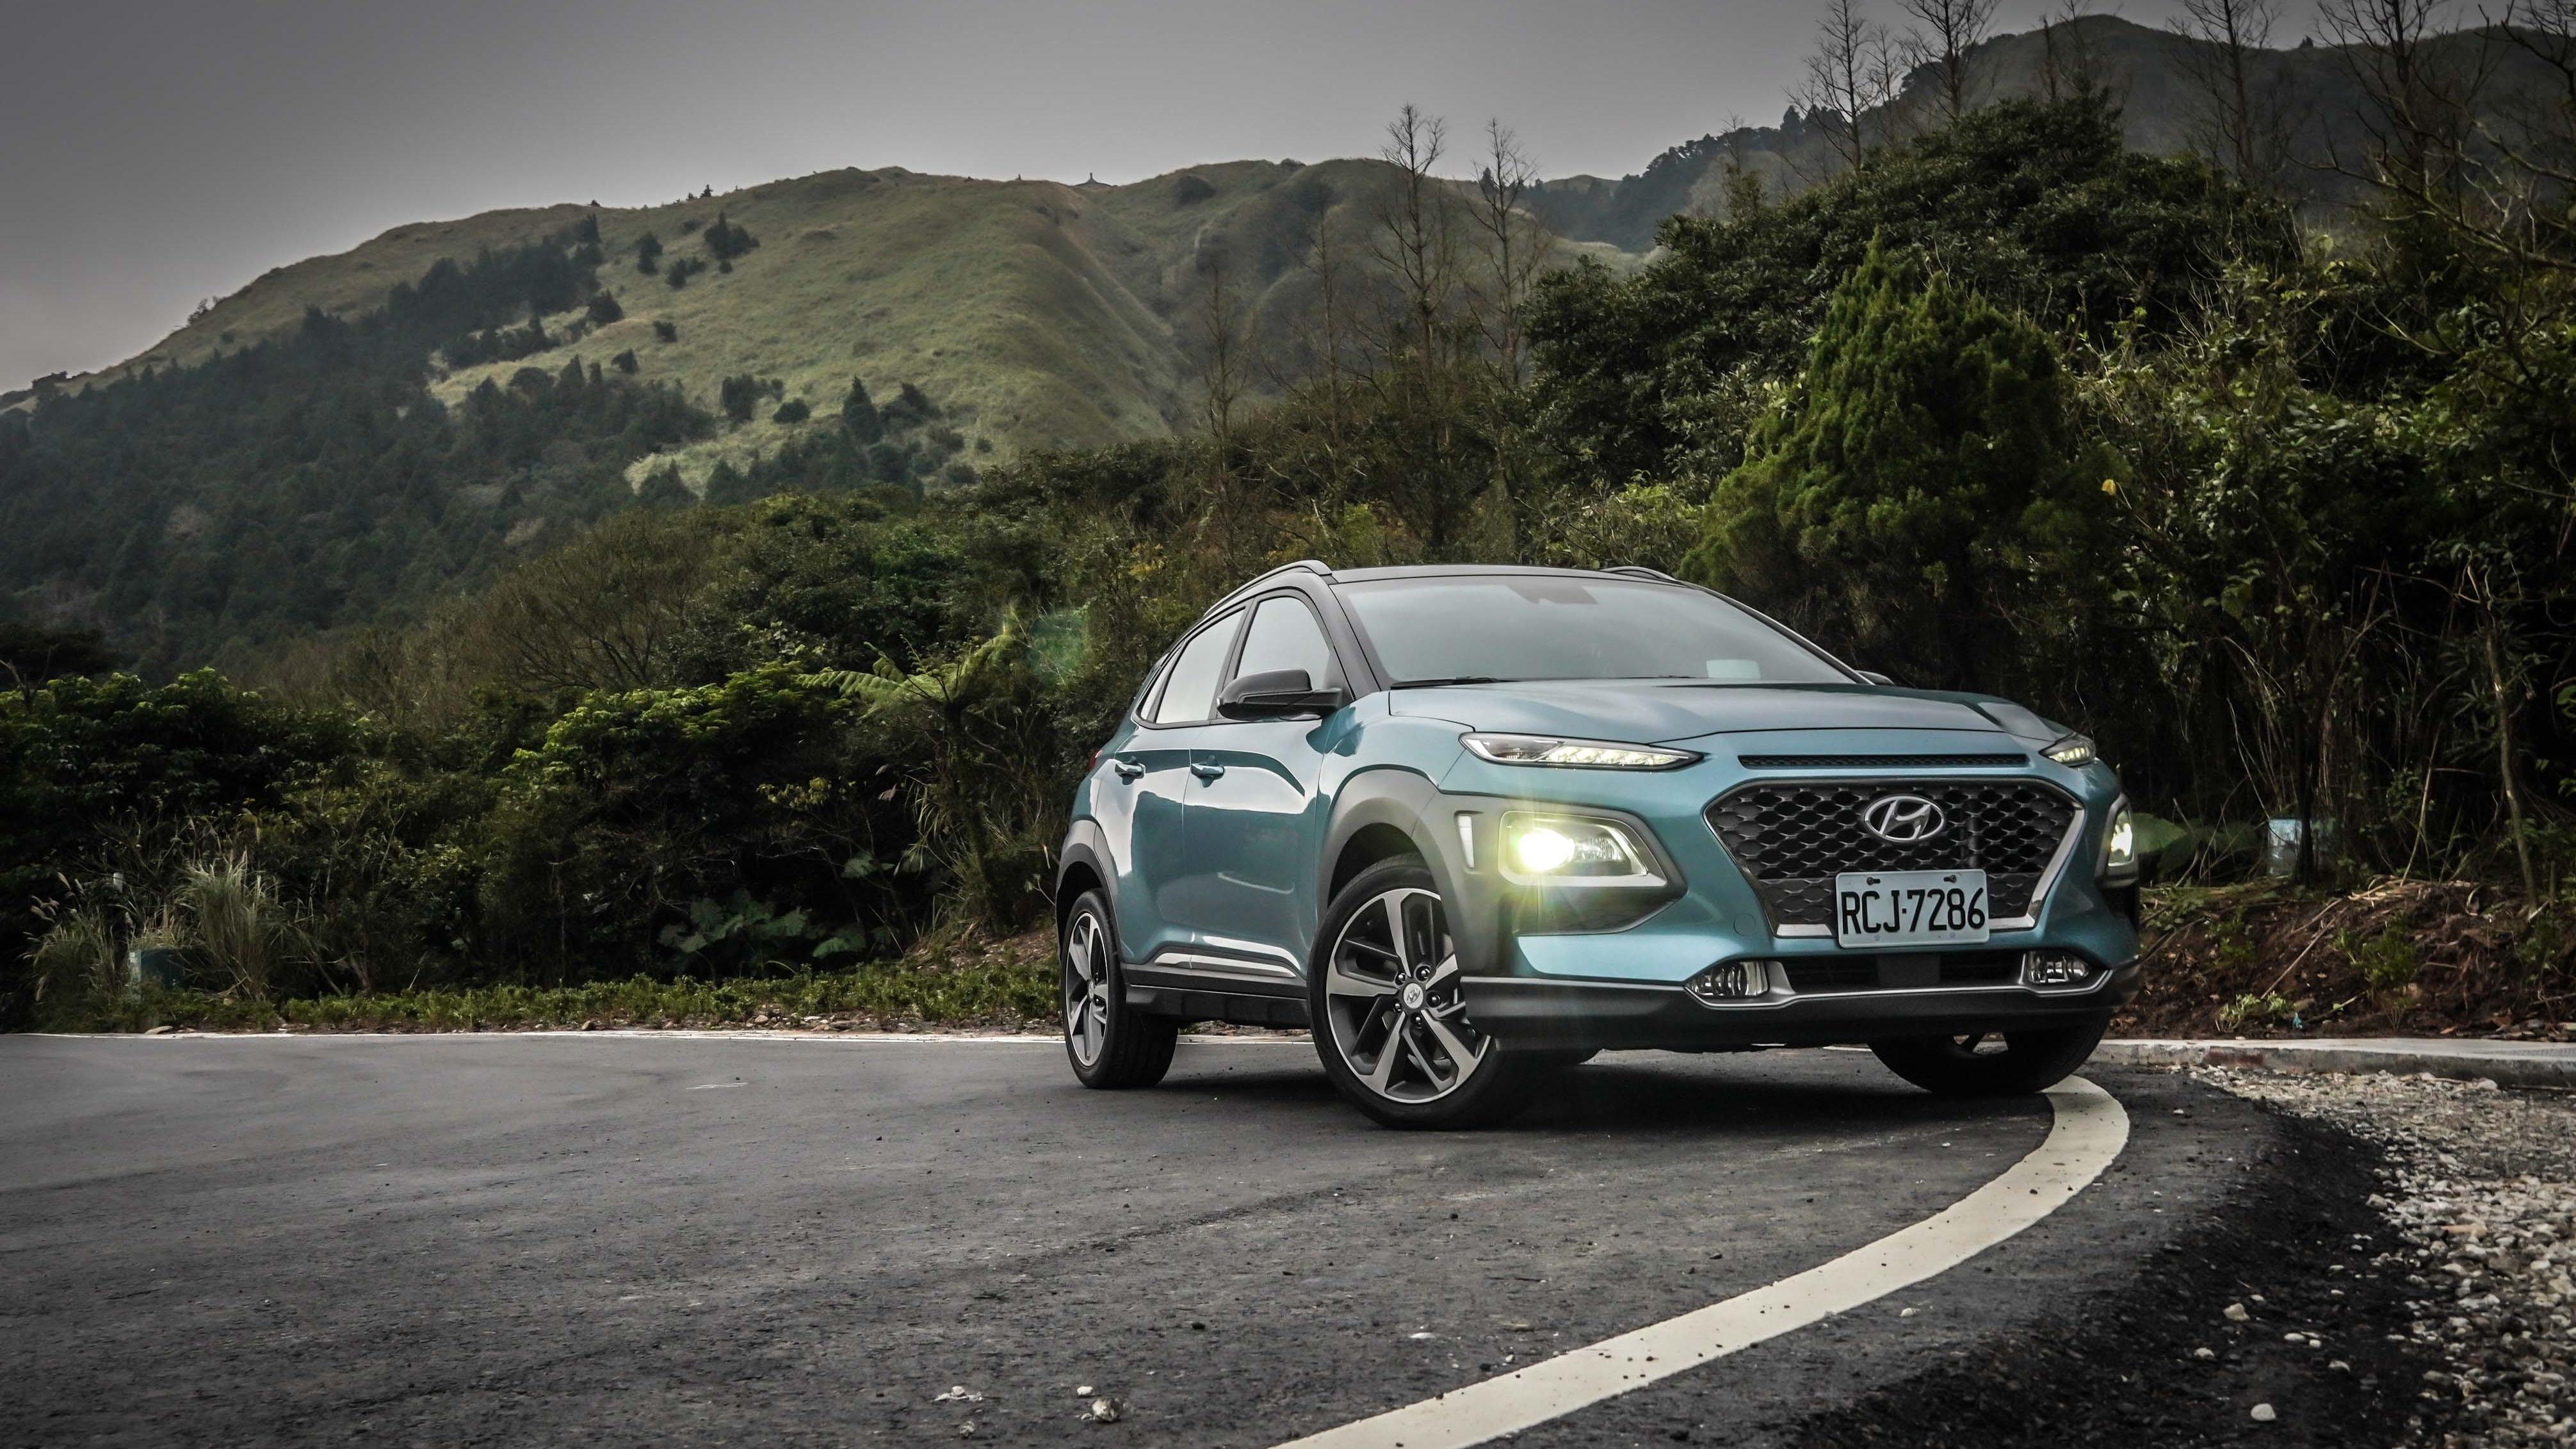 【2GameSome 深度試駕】Hyundai Kona 是個稱職的跨界休旅嗎?